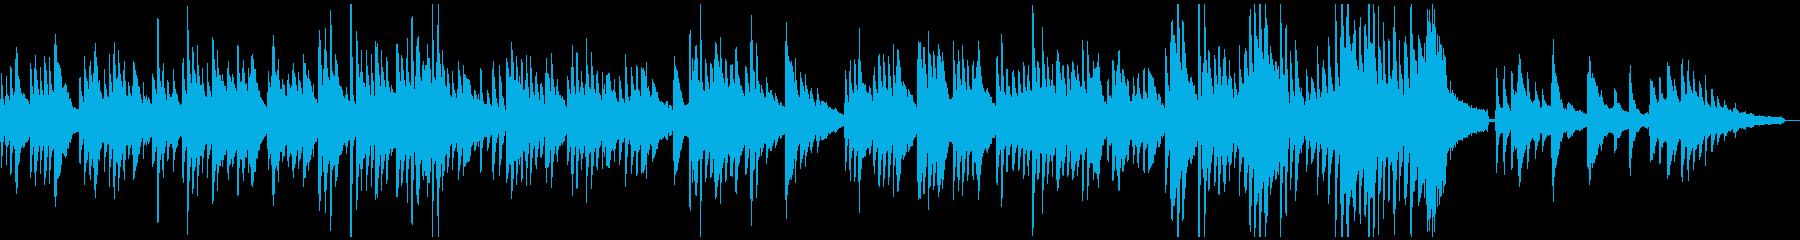 ダニーボーイ ピアノソロの再生済みの波形